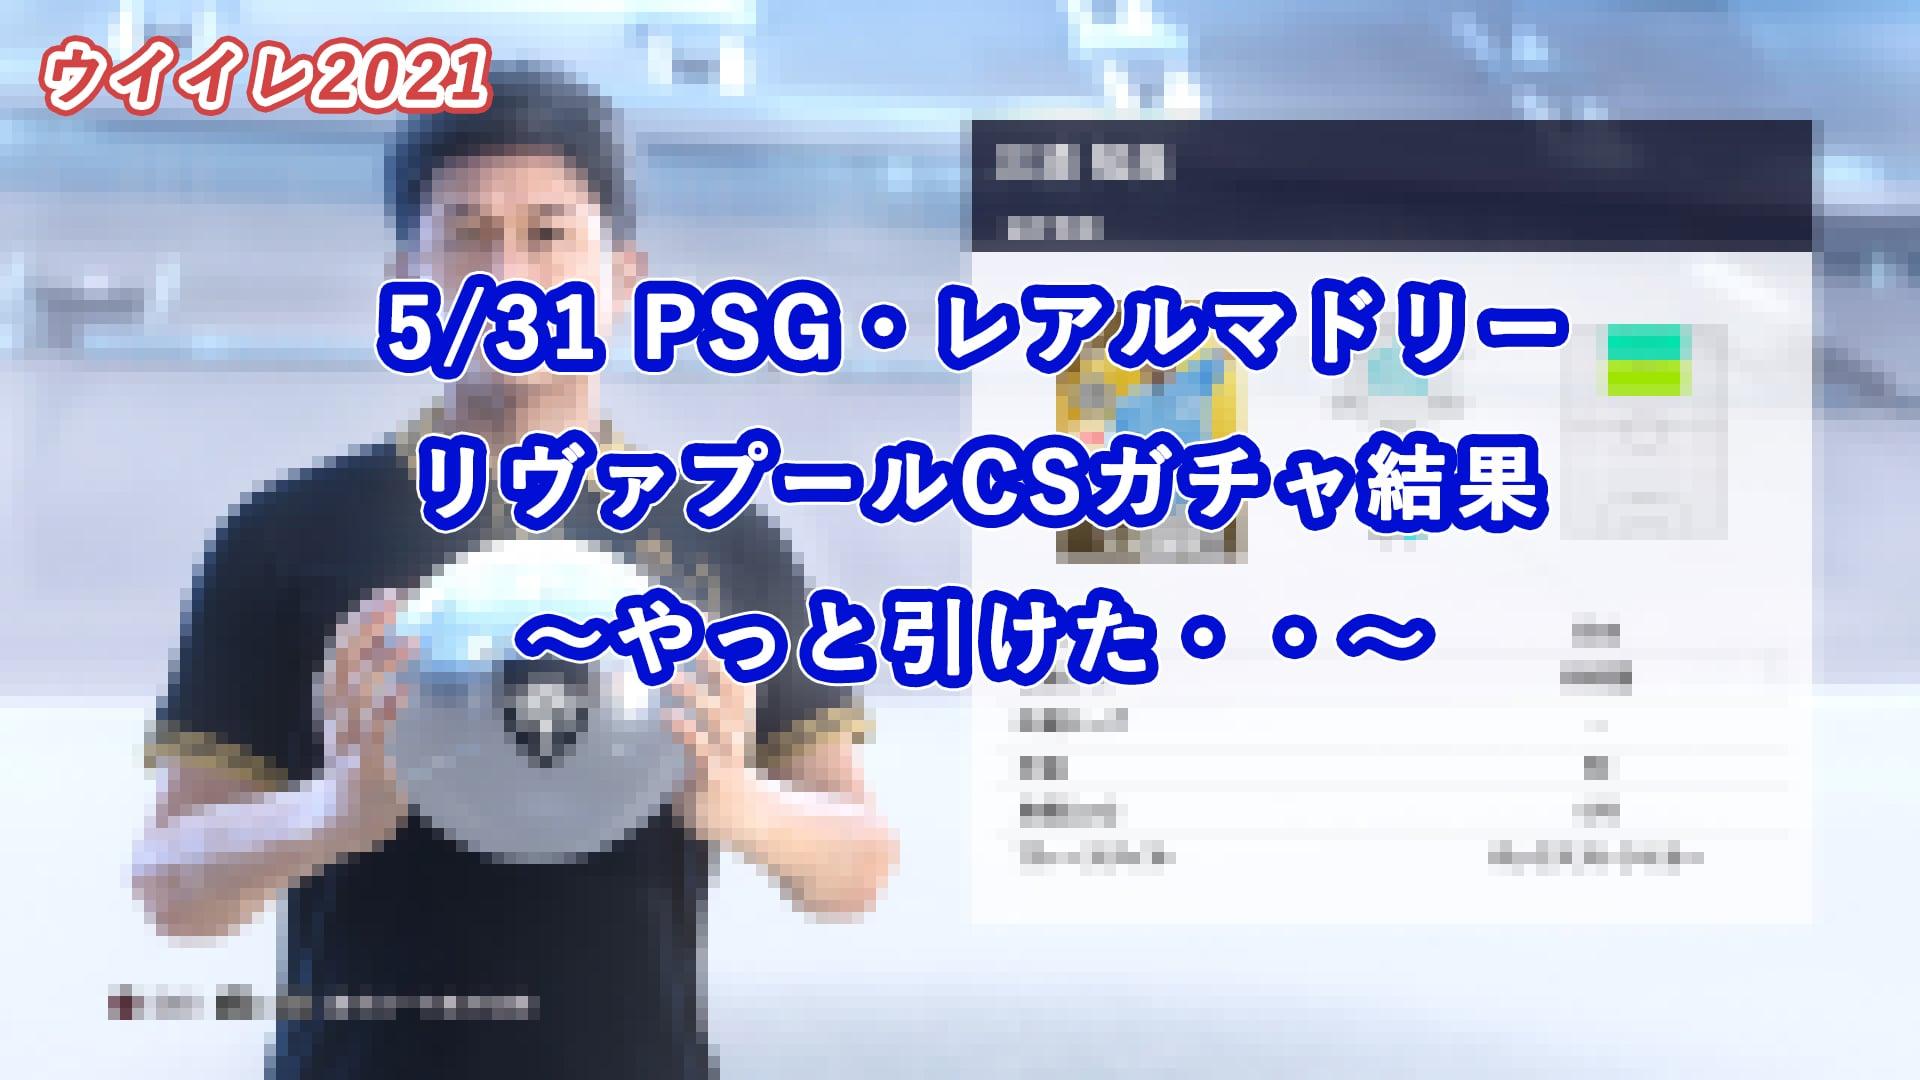 【ウイイレ2021】5/31 PSG・レアルマドリー・リヴァプールCSガチャ結果 ~やっと引けた・・~